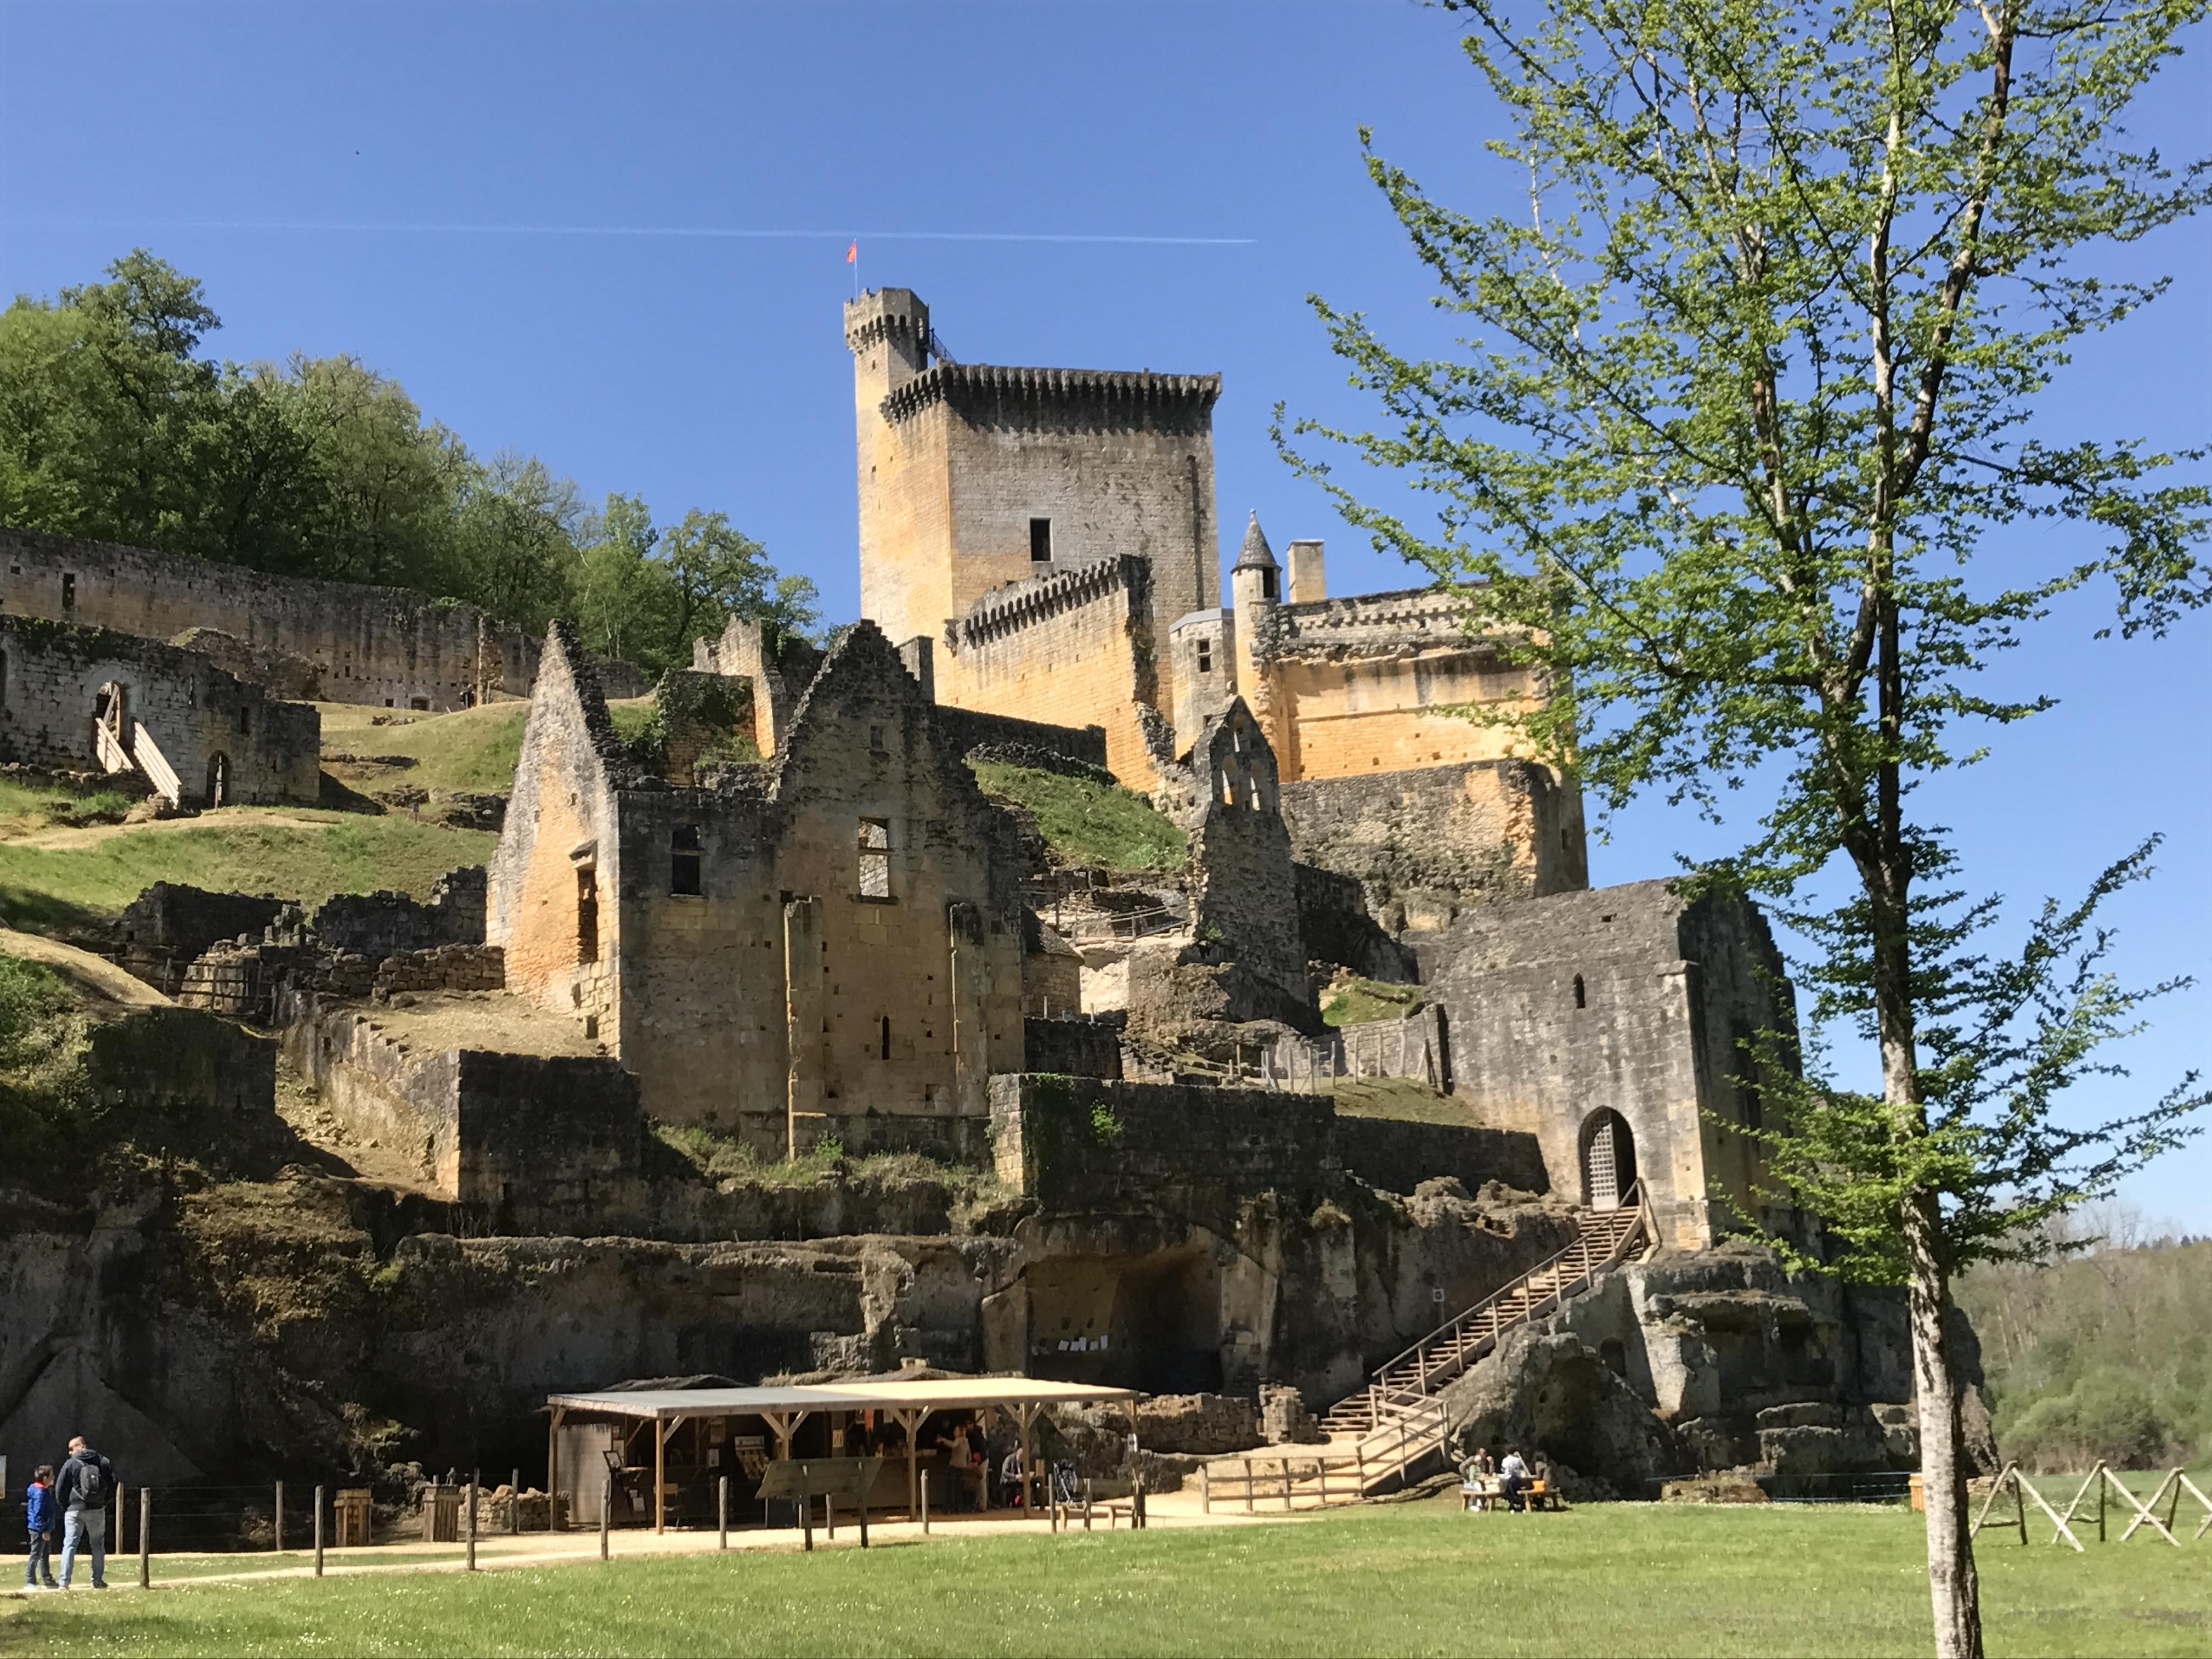 Lascaux dordogne vos vacances en p rigord noir office de tourisme de la vall e v z re - Office de tourisme de dordogne ...